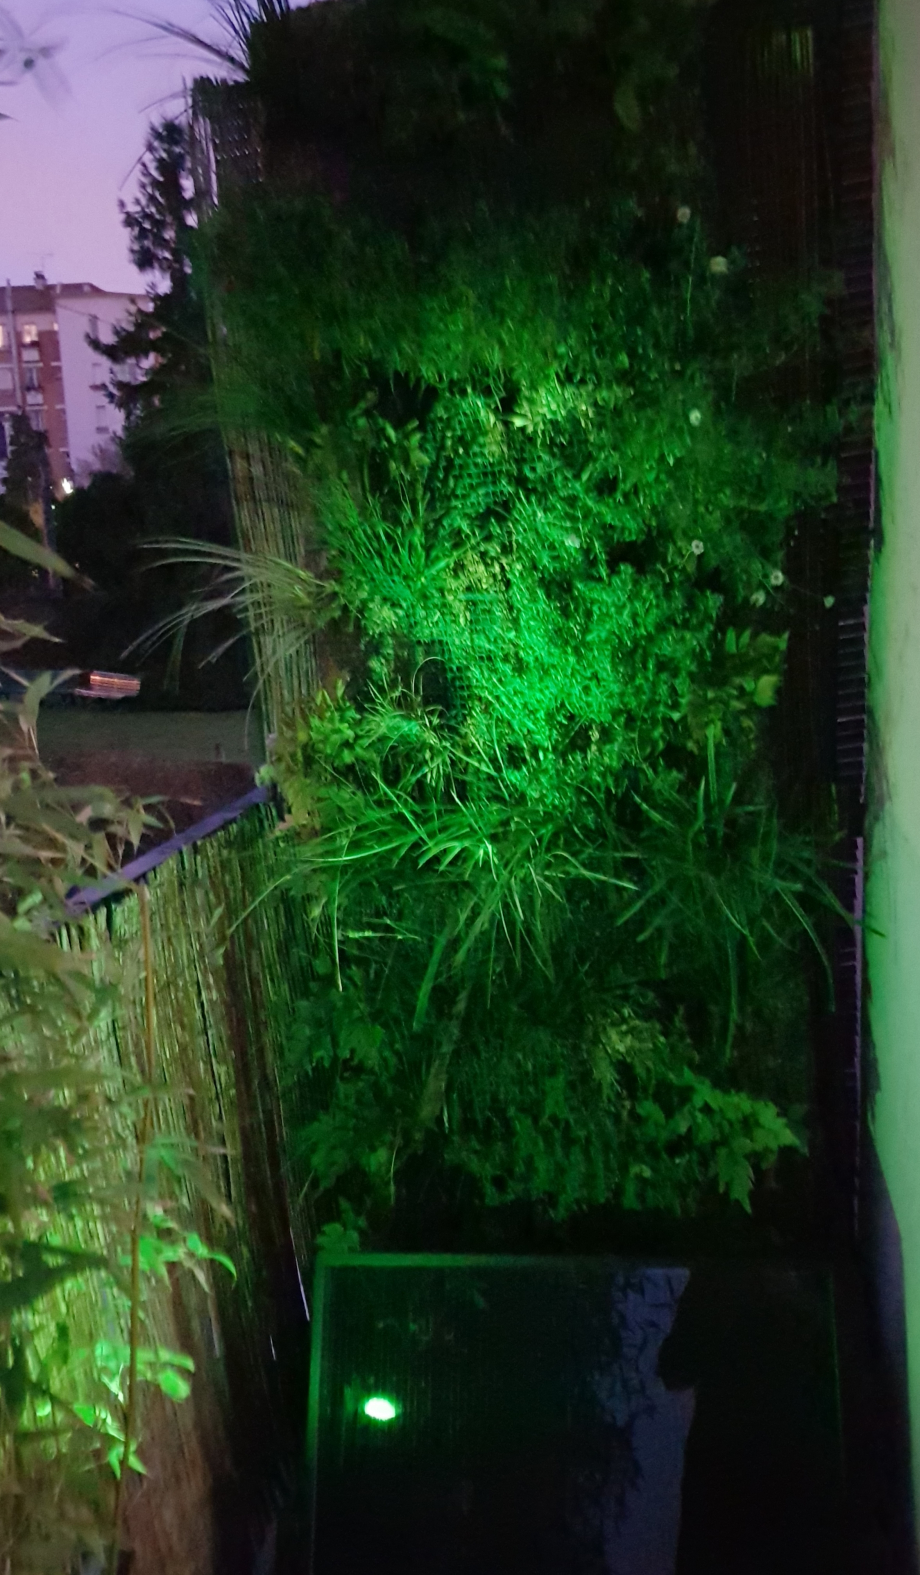 Eclairage mur ext vert 27 dec 17.jpg